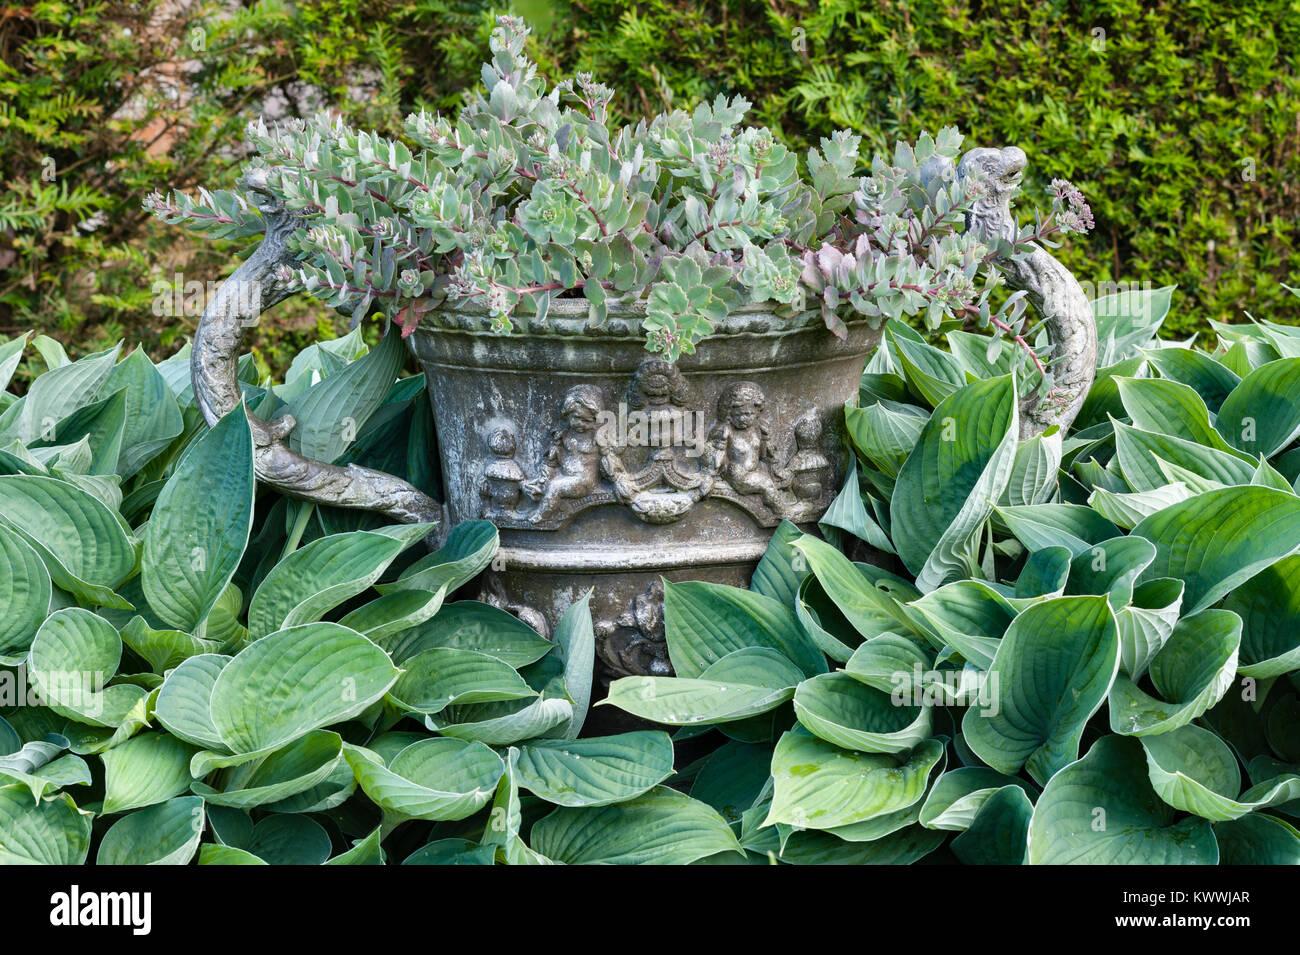 Lanhydrock, Bodmin, Cornualles, en el Reino Unido. Una antigua urna de plomo en los jardines, rodeados de hostas Imagen De Stock